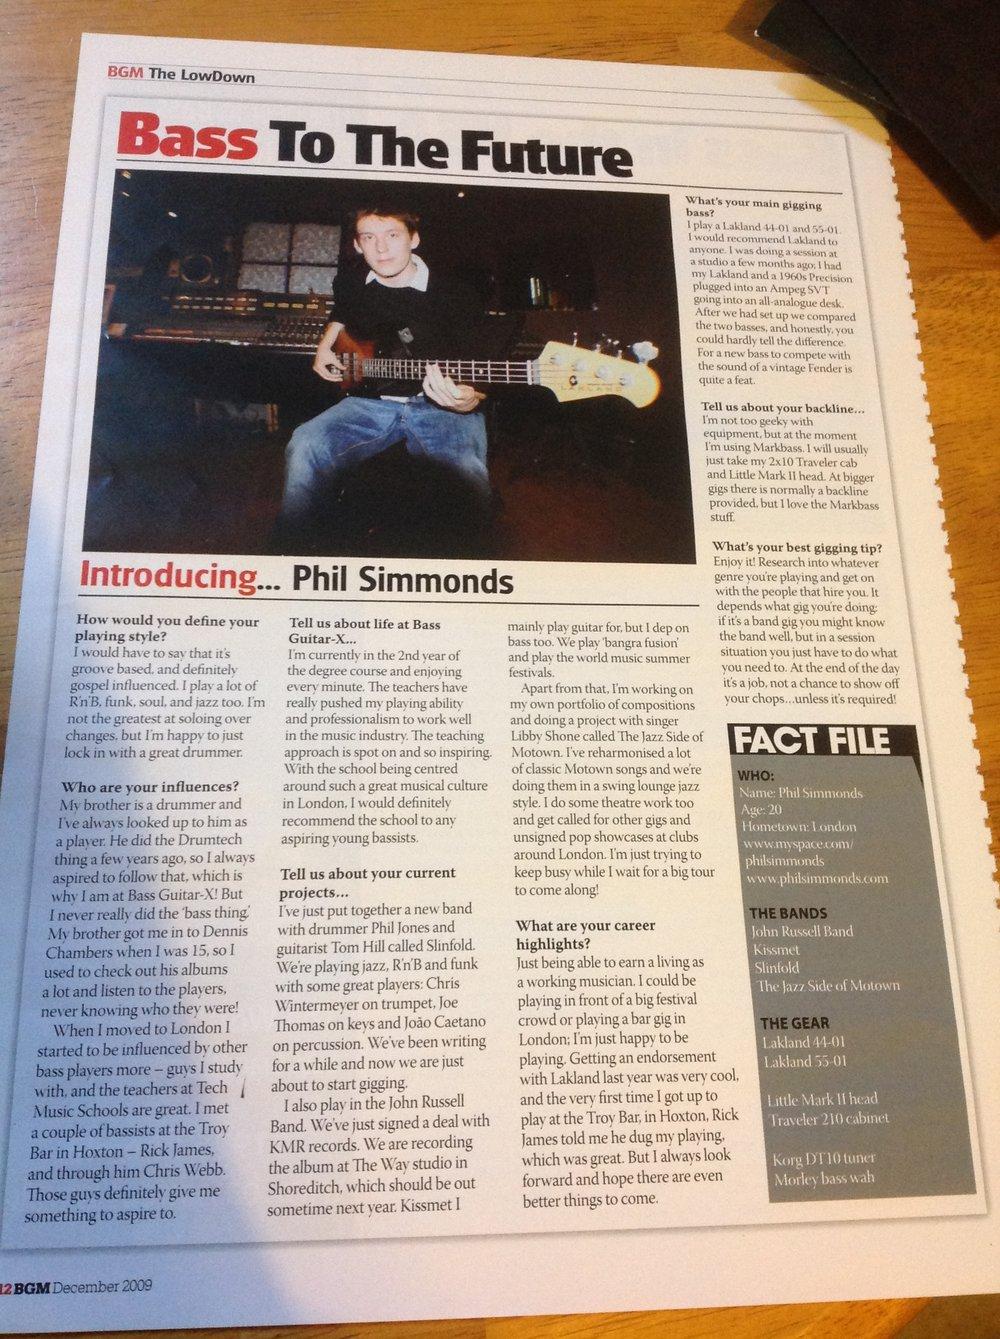 BASS GUITAR MAGAZINE DECEMBER 2009 BASS TO THE FUTURE ARTICLE.JPG